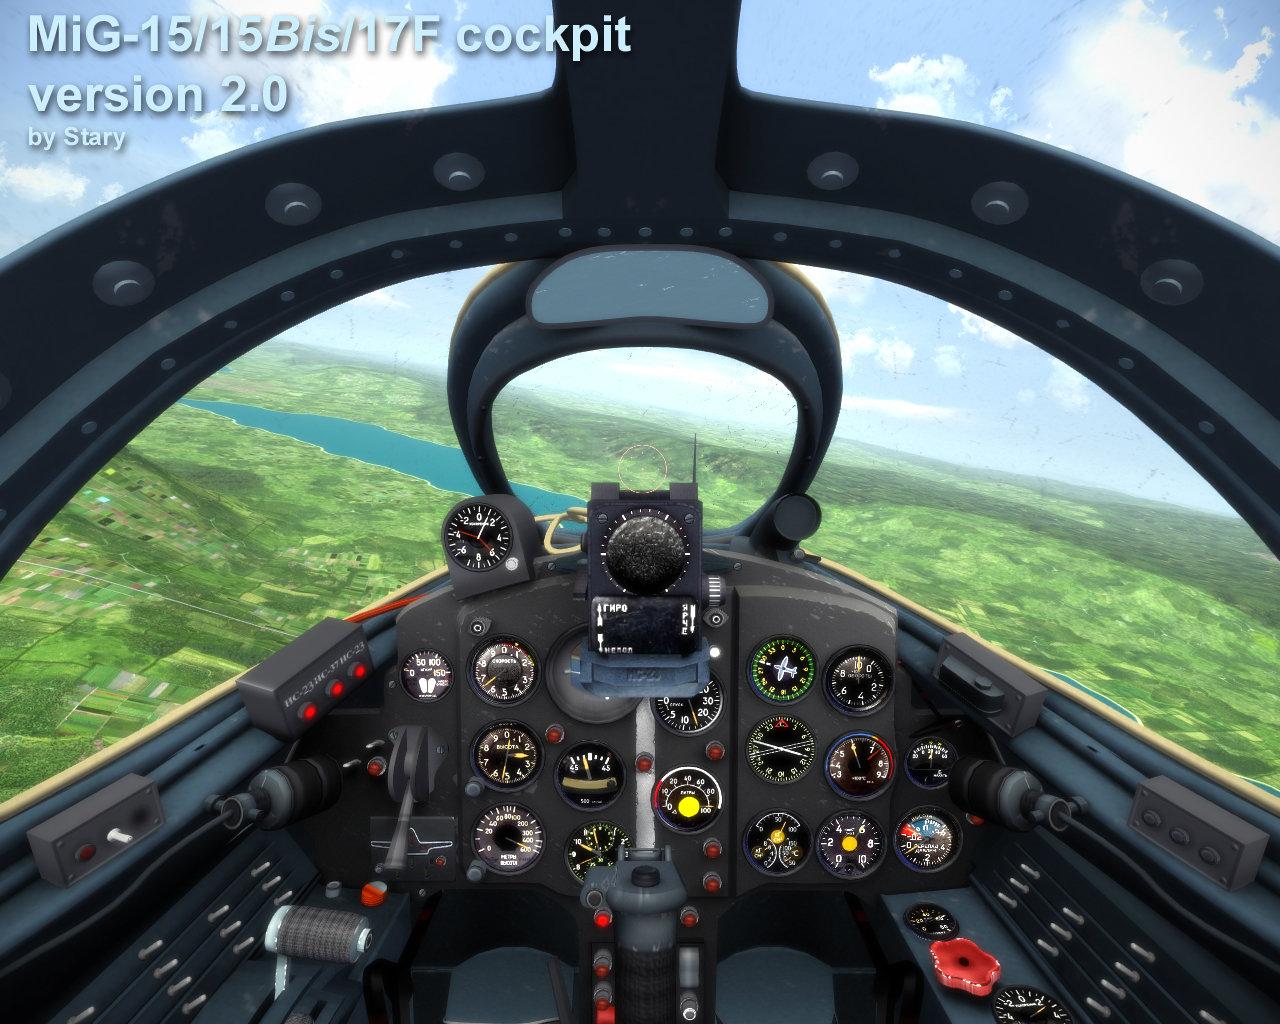 Mig-15 / Mig-15 bis / Mig-17 cockpit